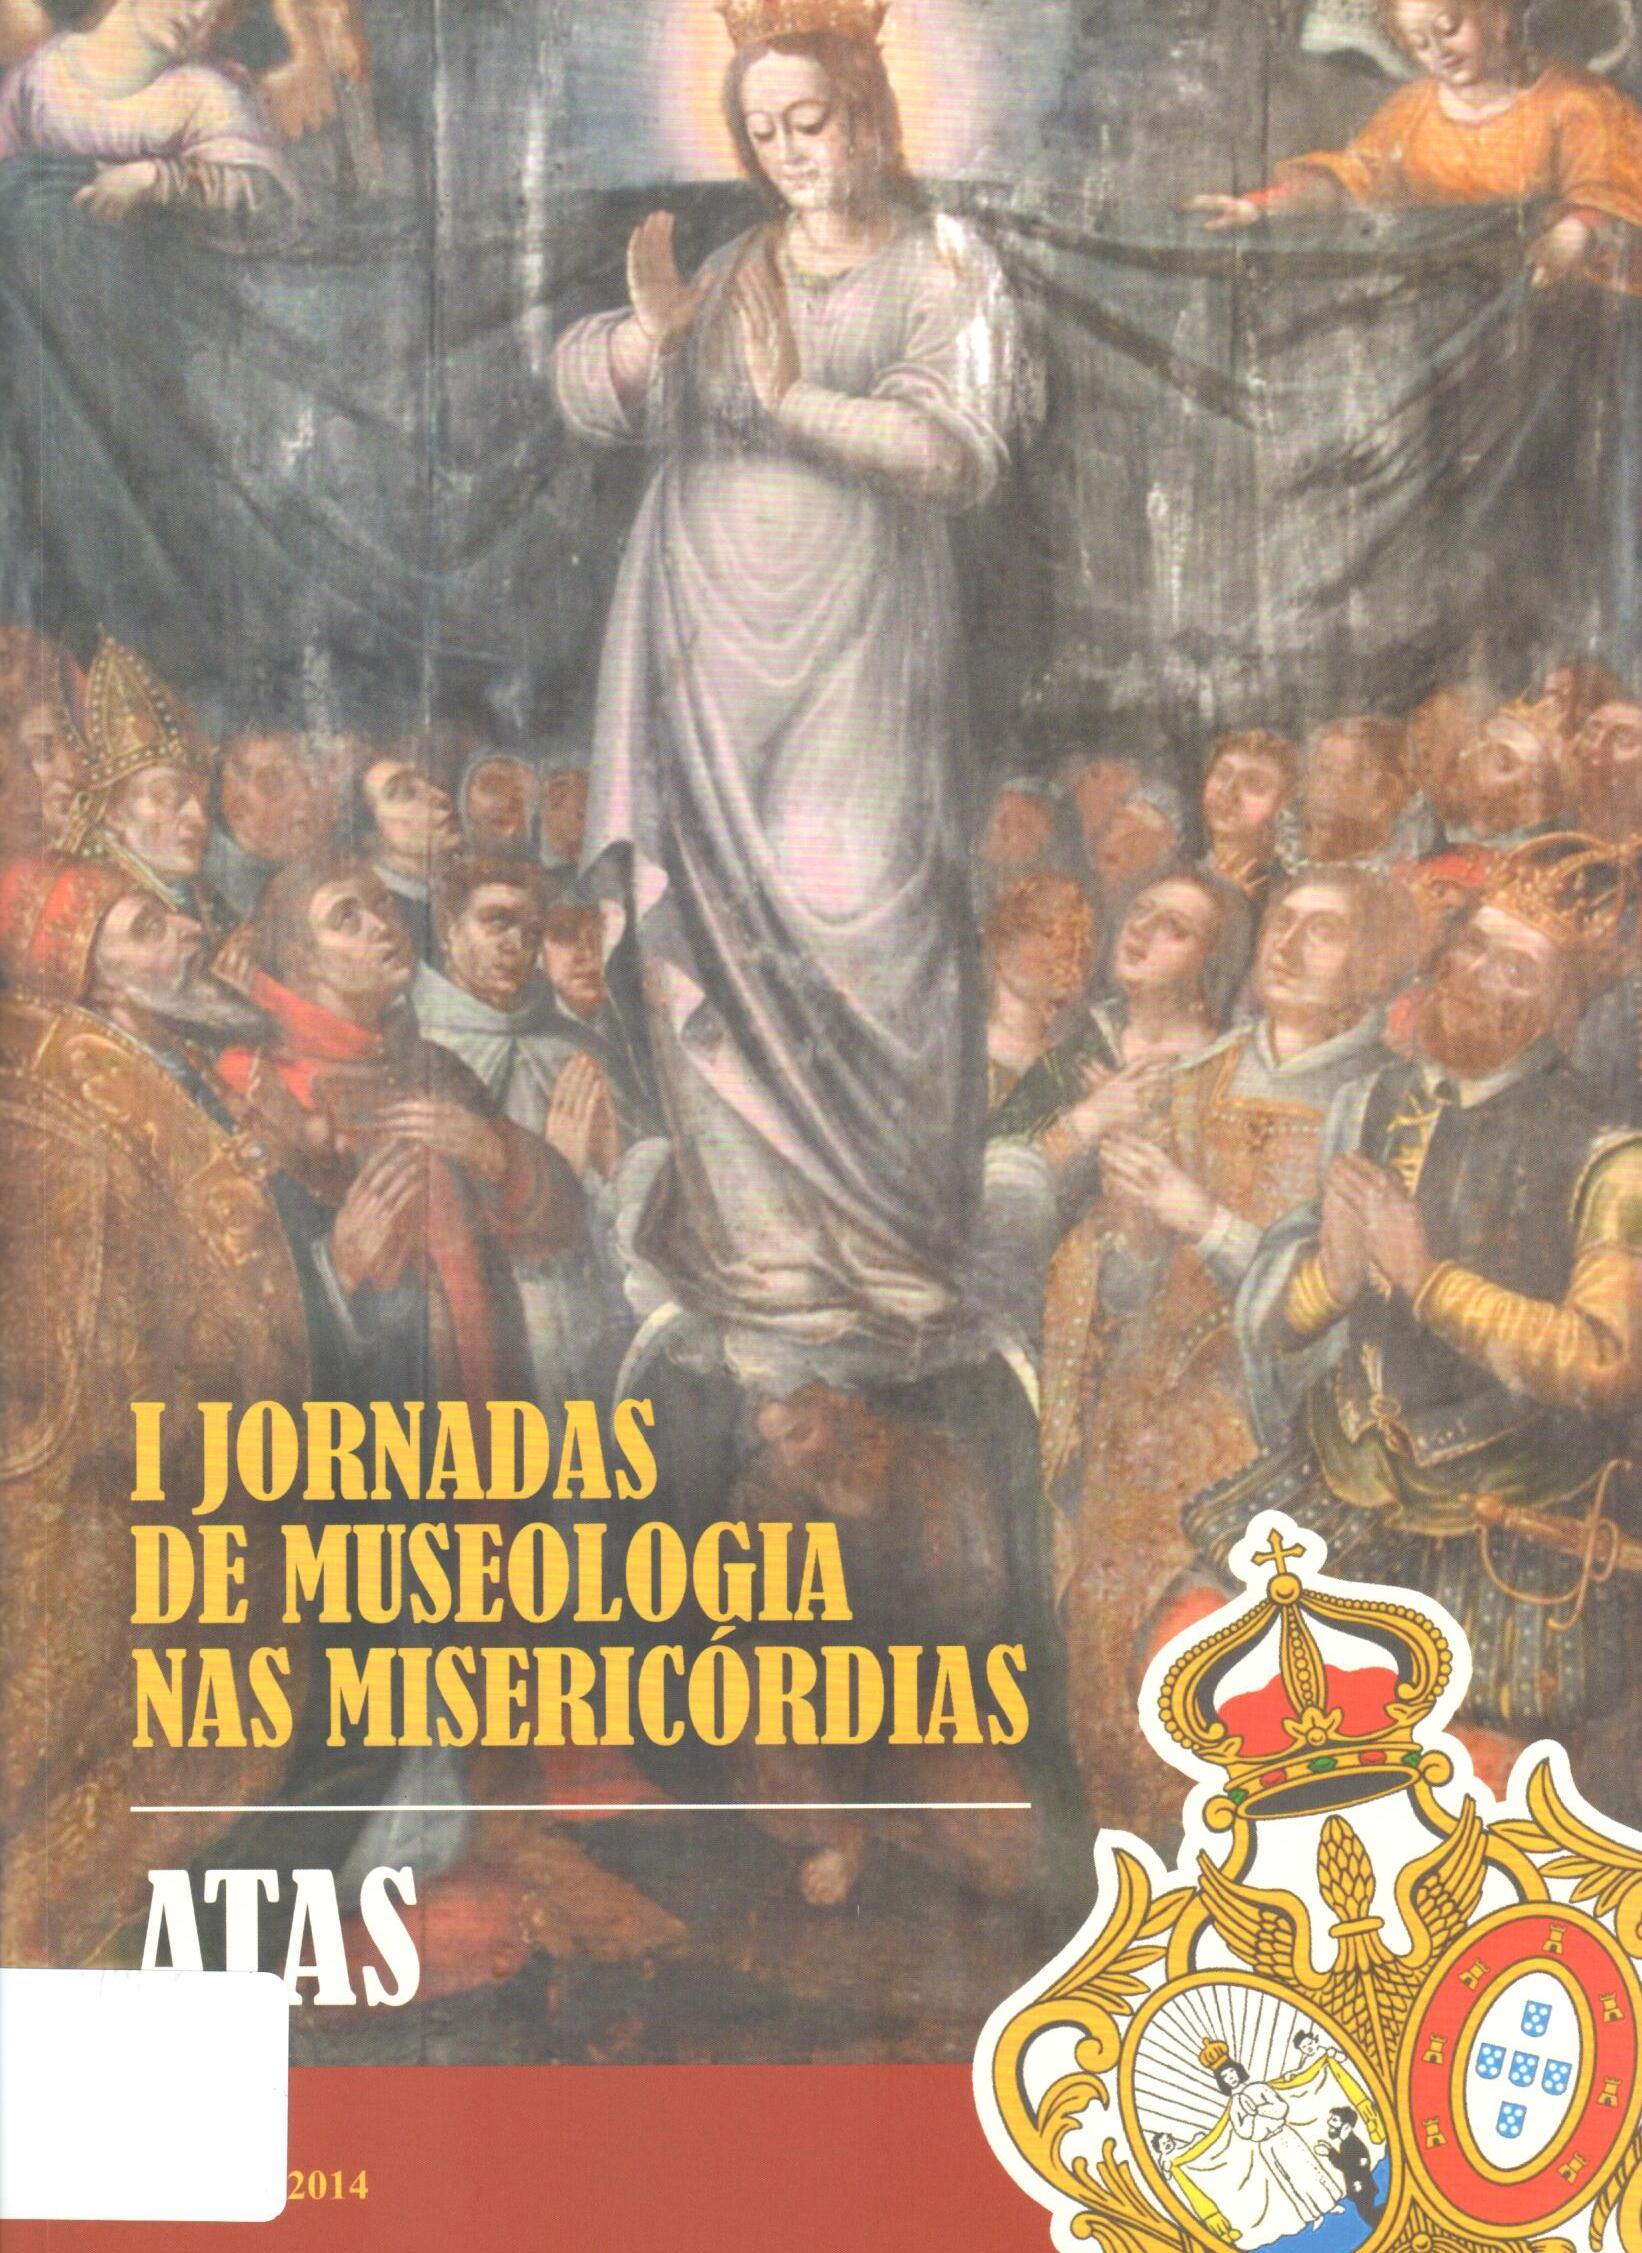 Da Decadência á Regeneração: Jacinto e o Percurso de Auto-Descoberta em A Cidade e as Serras